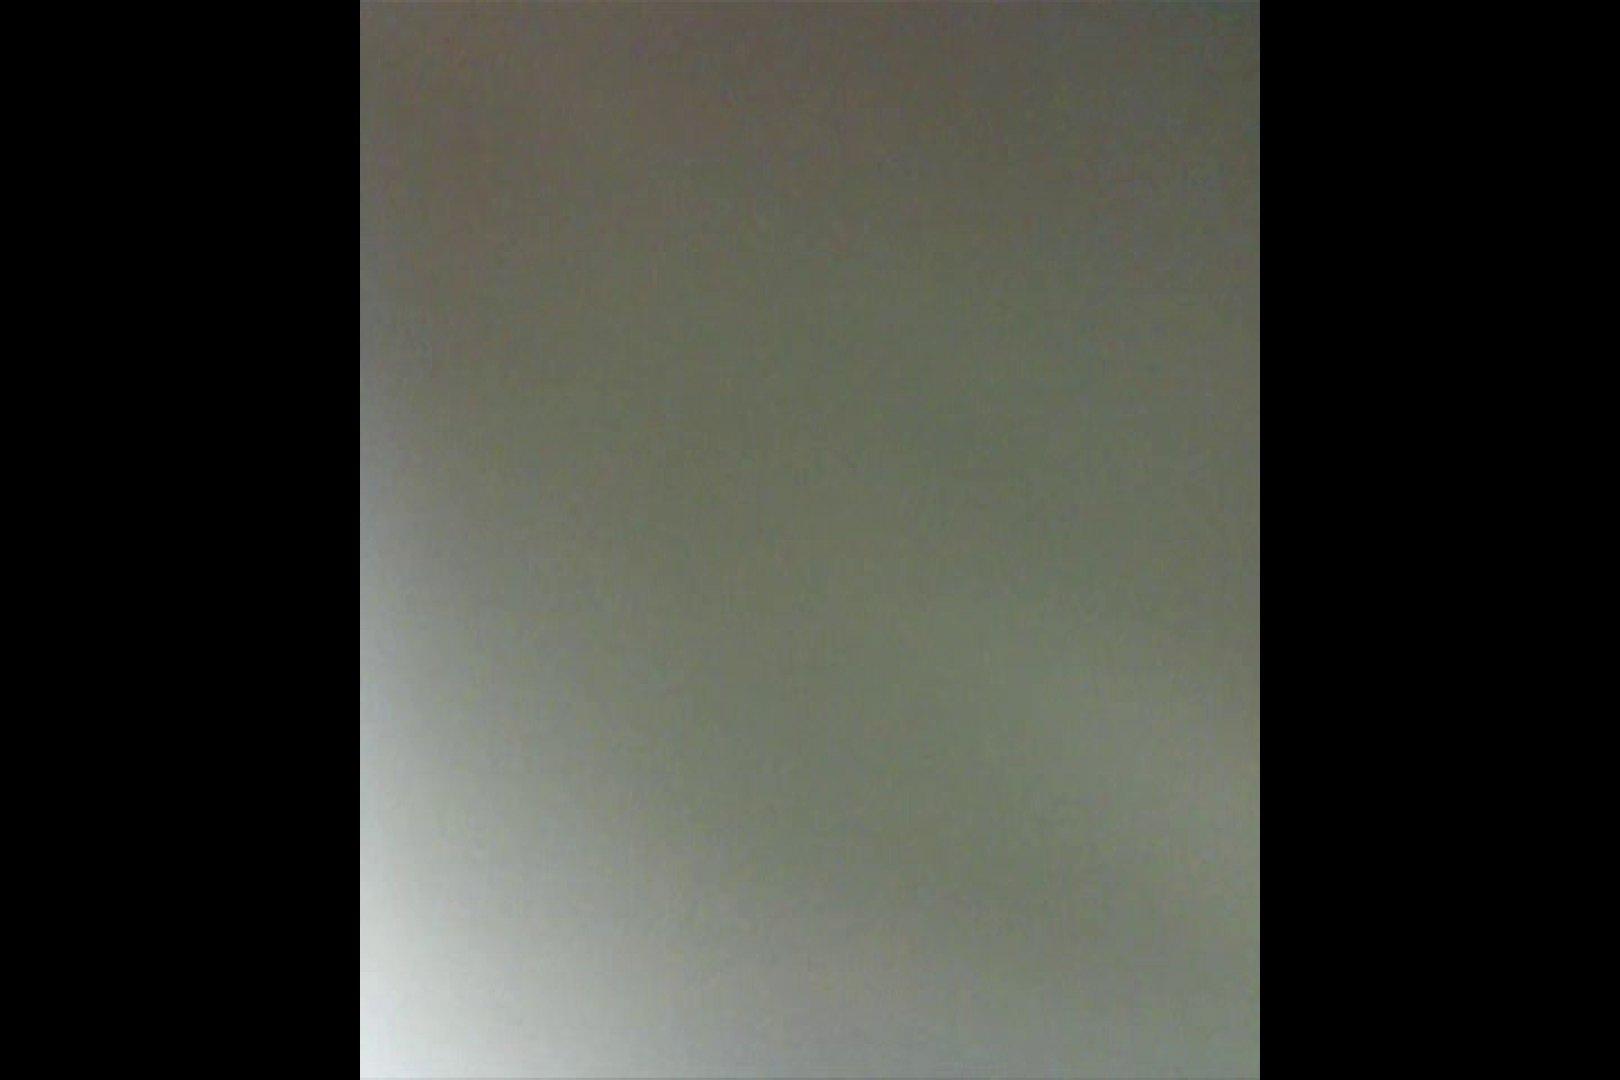 投稿!山下さんの闘病日記 ナースのピンクパンツ vol.02 盗撮 ワレメ動画紹介 101連発 3